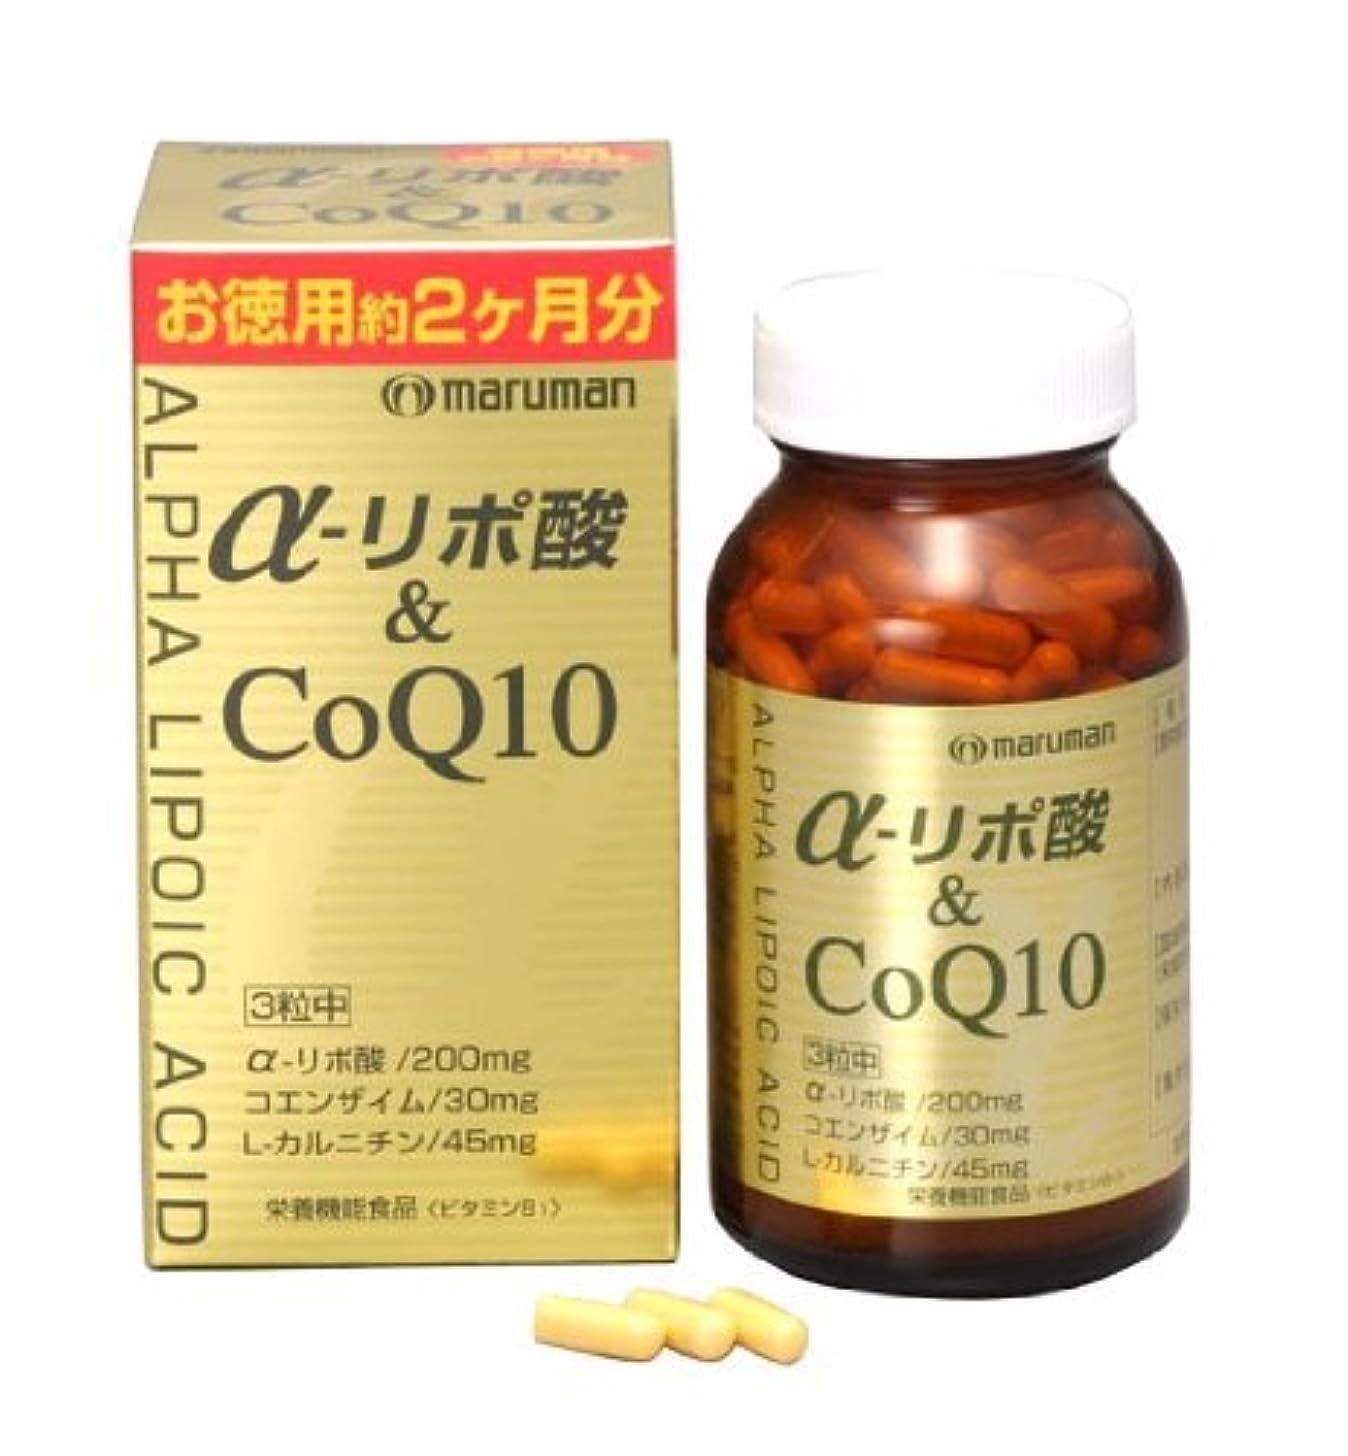 放課後意味するふりをするαリポ酸&COQ10 徳用2ヶ月分 話題の成分配合